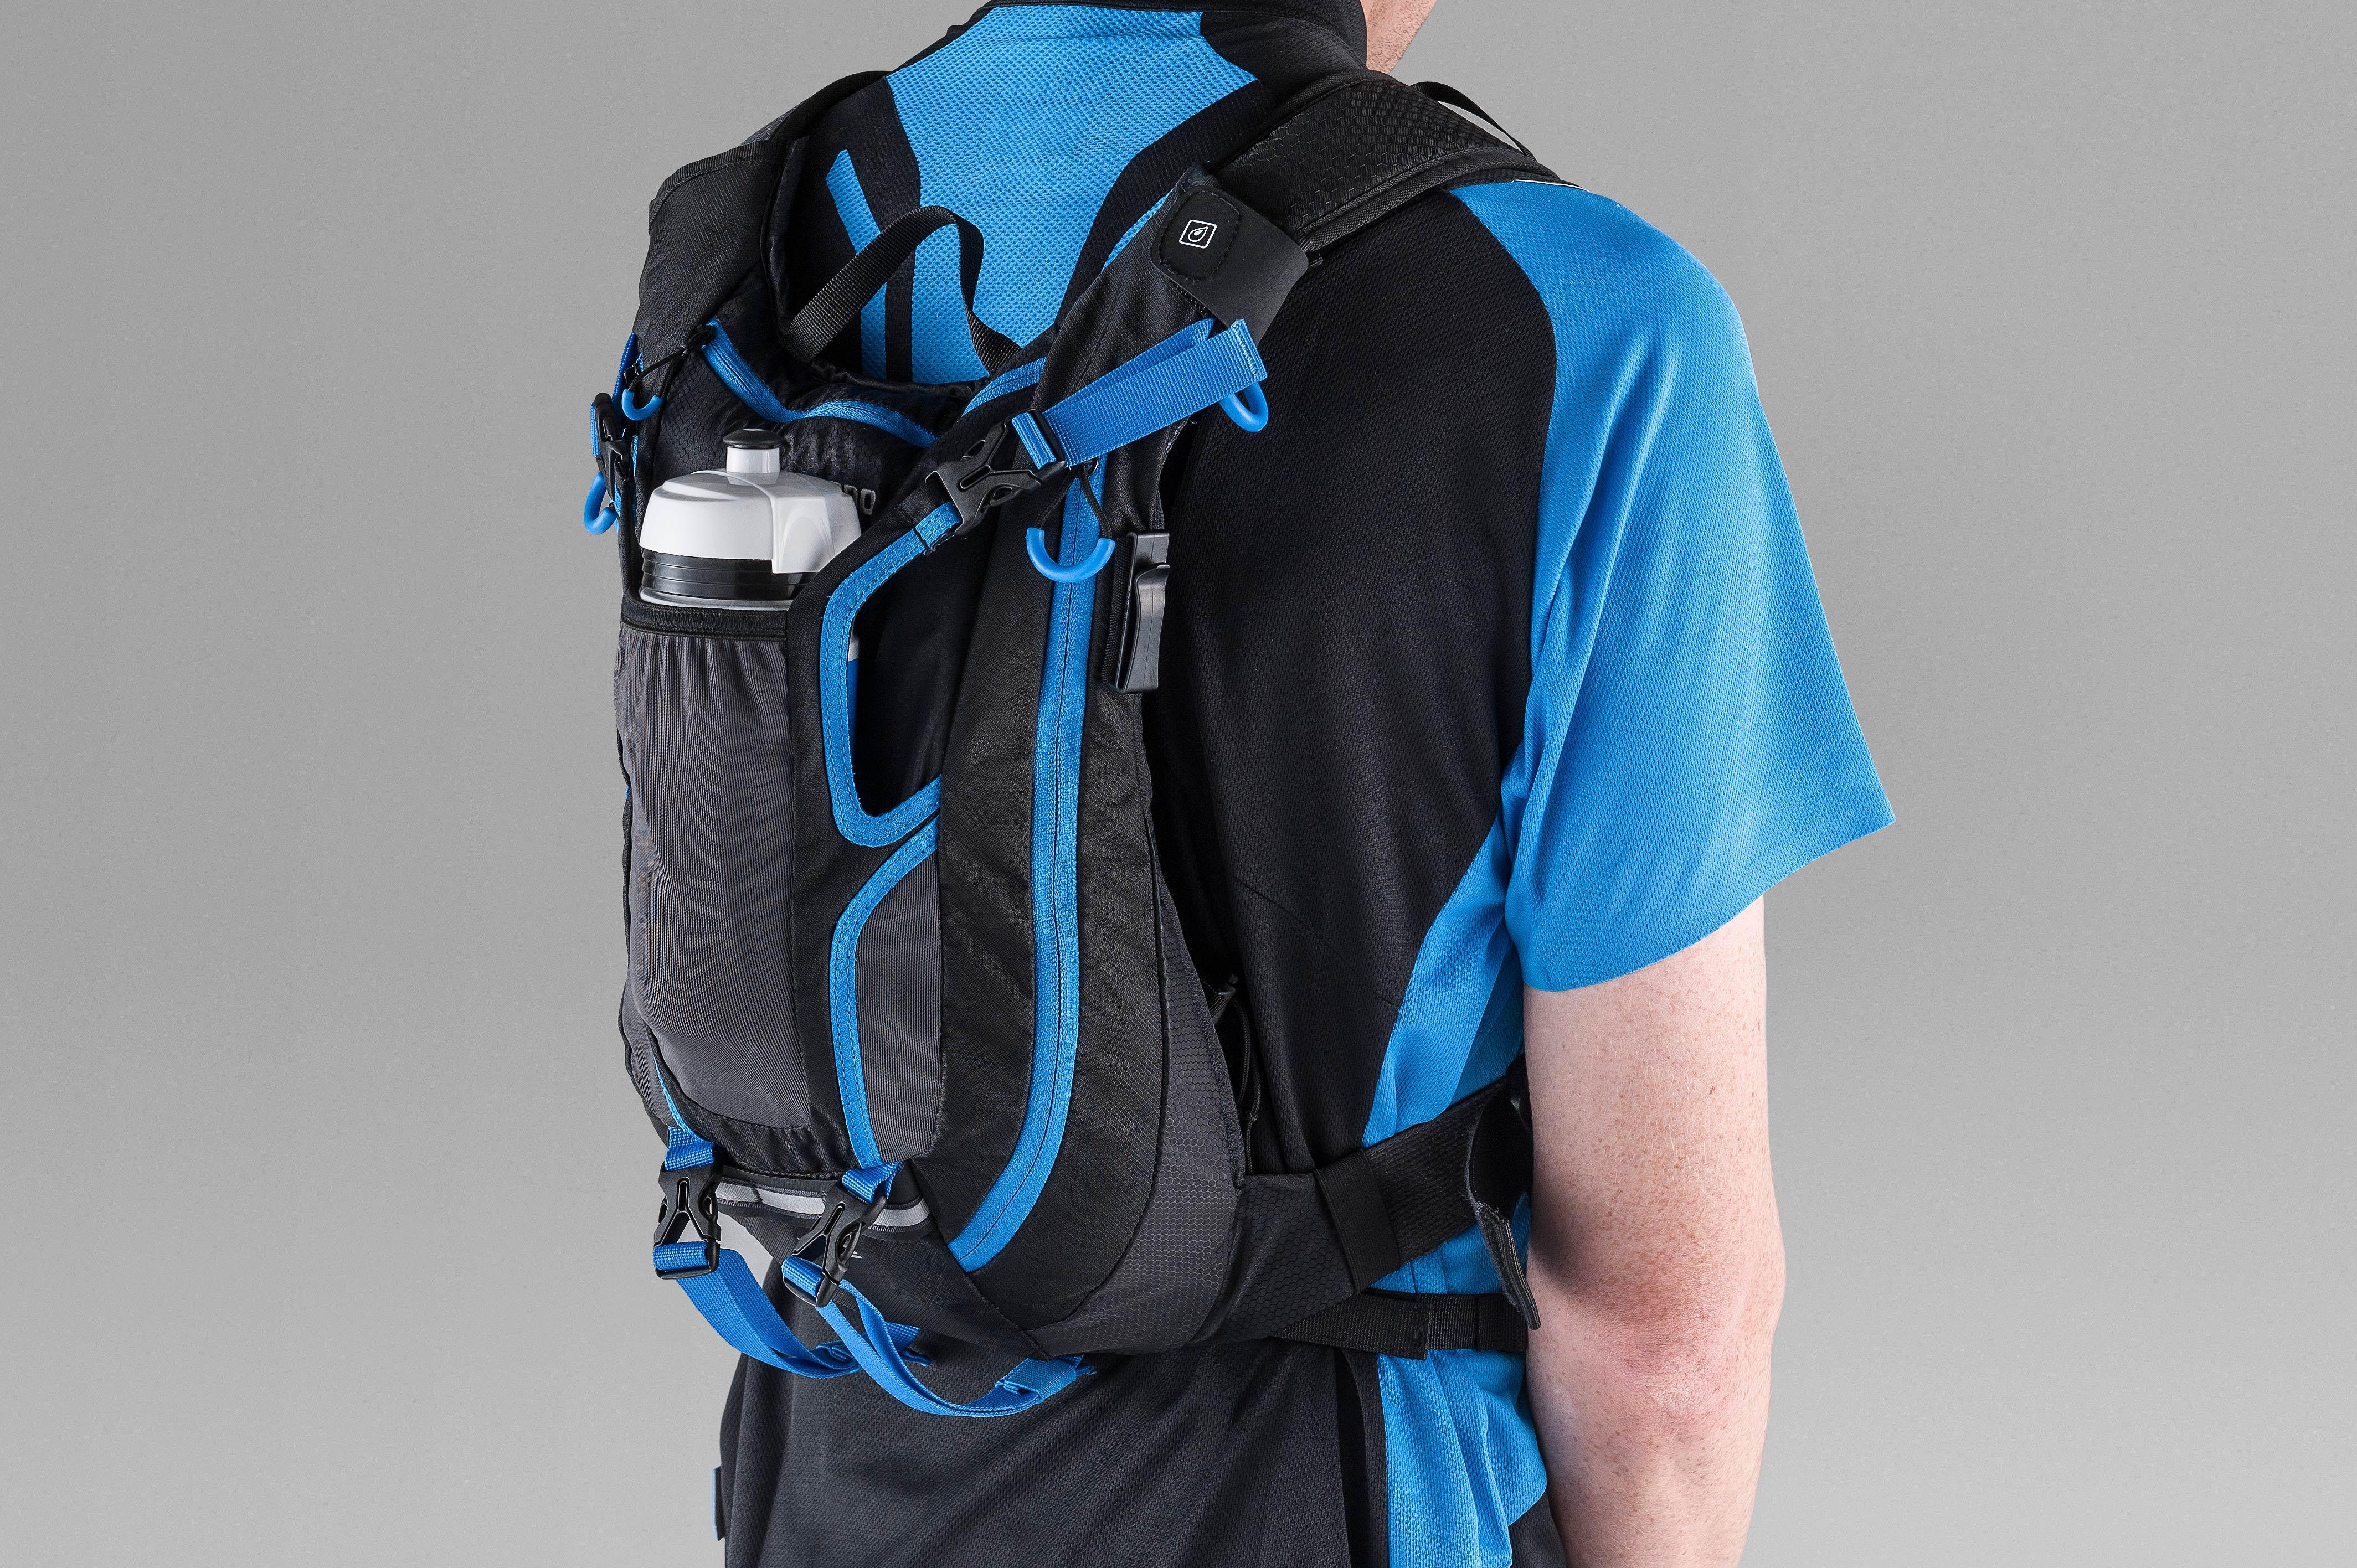 Der Shimano Rucksack bietet viele Verstaumöglichkeiten.